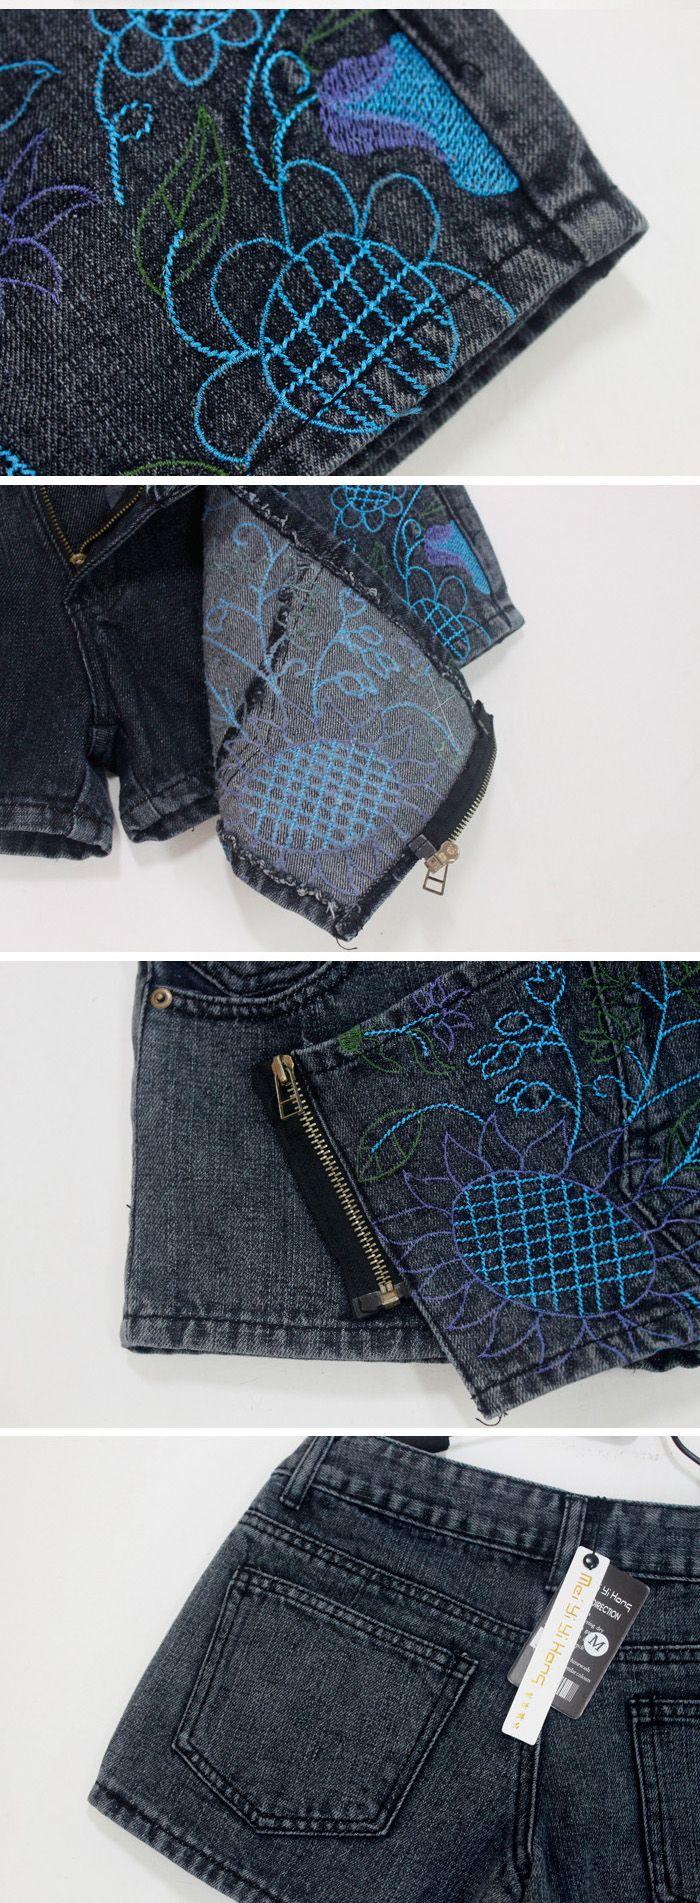 Special Design Cirrus Embroidery Diagonal Zipper False Skirt Black Jeans+Cotton Short Pants For Women